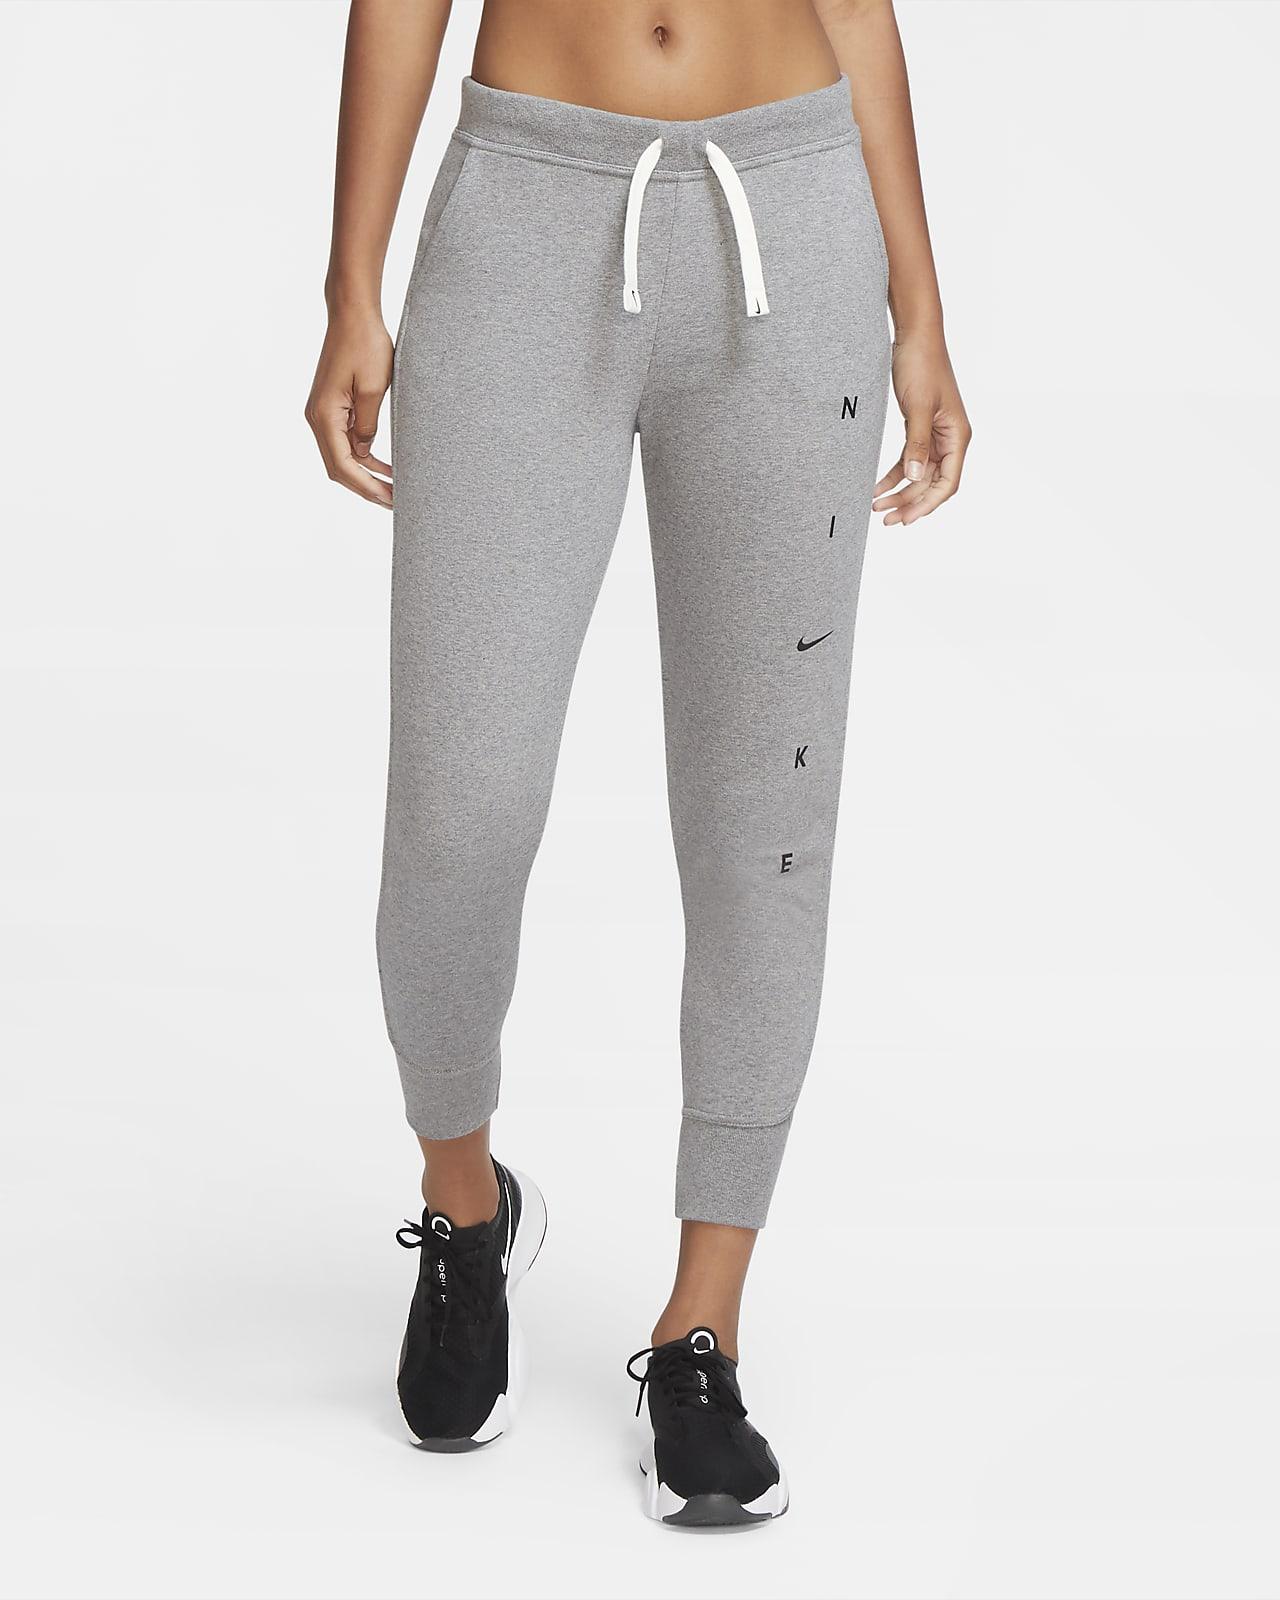 Jabeth Wilson Matrona tinta  Nike Dri-FIT Get Fit Trainingsbroek met graphic voor dames. Nike NL